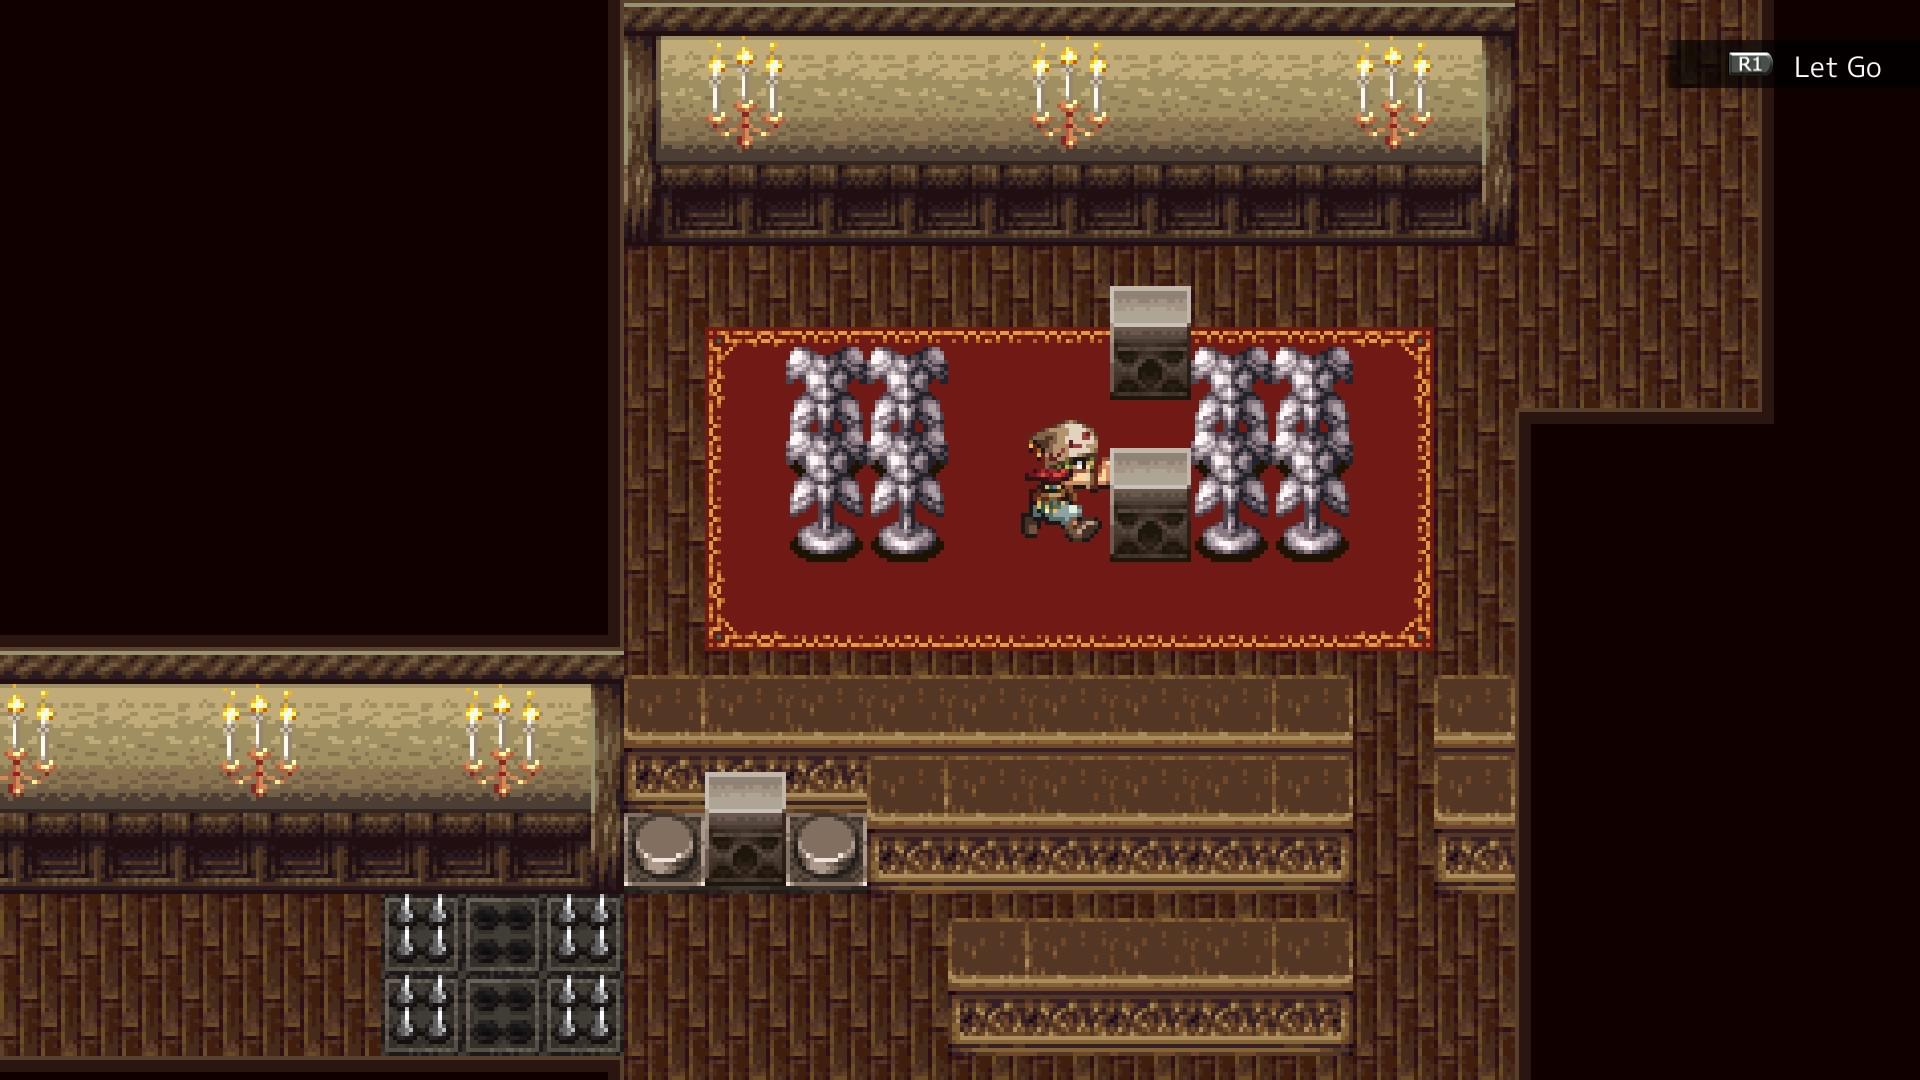 Chronus Arc for PlayStation